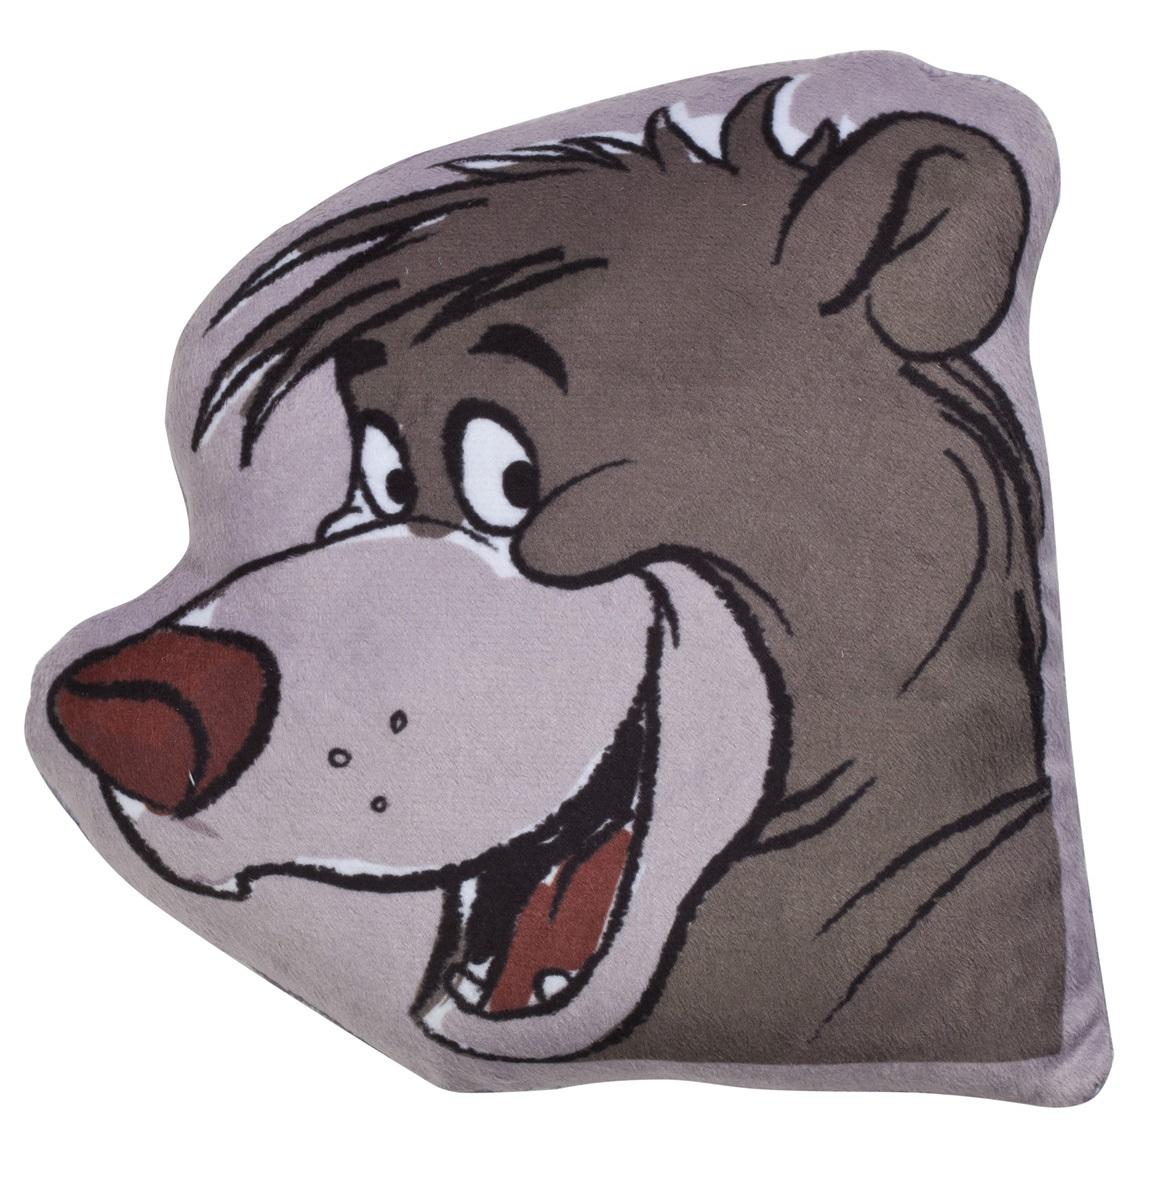 Мягкая игрушка-подушка The Jungle Book. Baloo (20 см)Представляем вашему вниманию мягкую игрушку-подушку The Jungle Book. Baloo, созданную по мотивам фильма «Книга джунглей».<br>